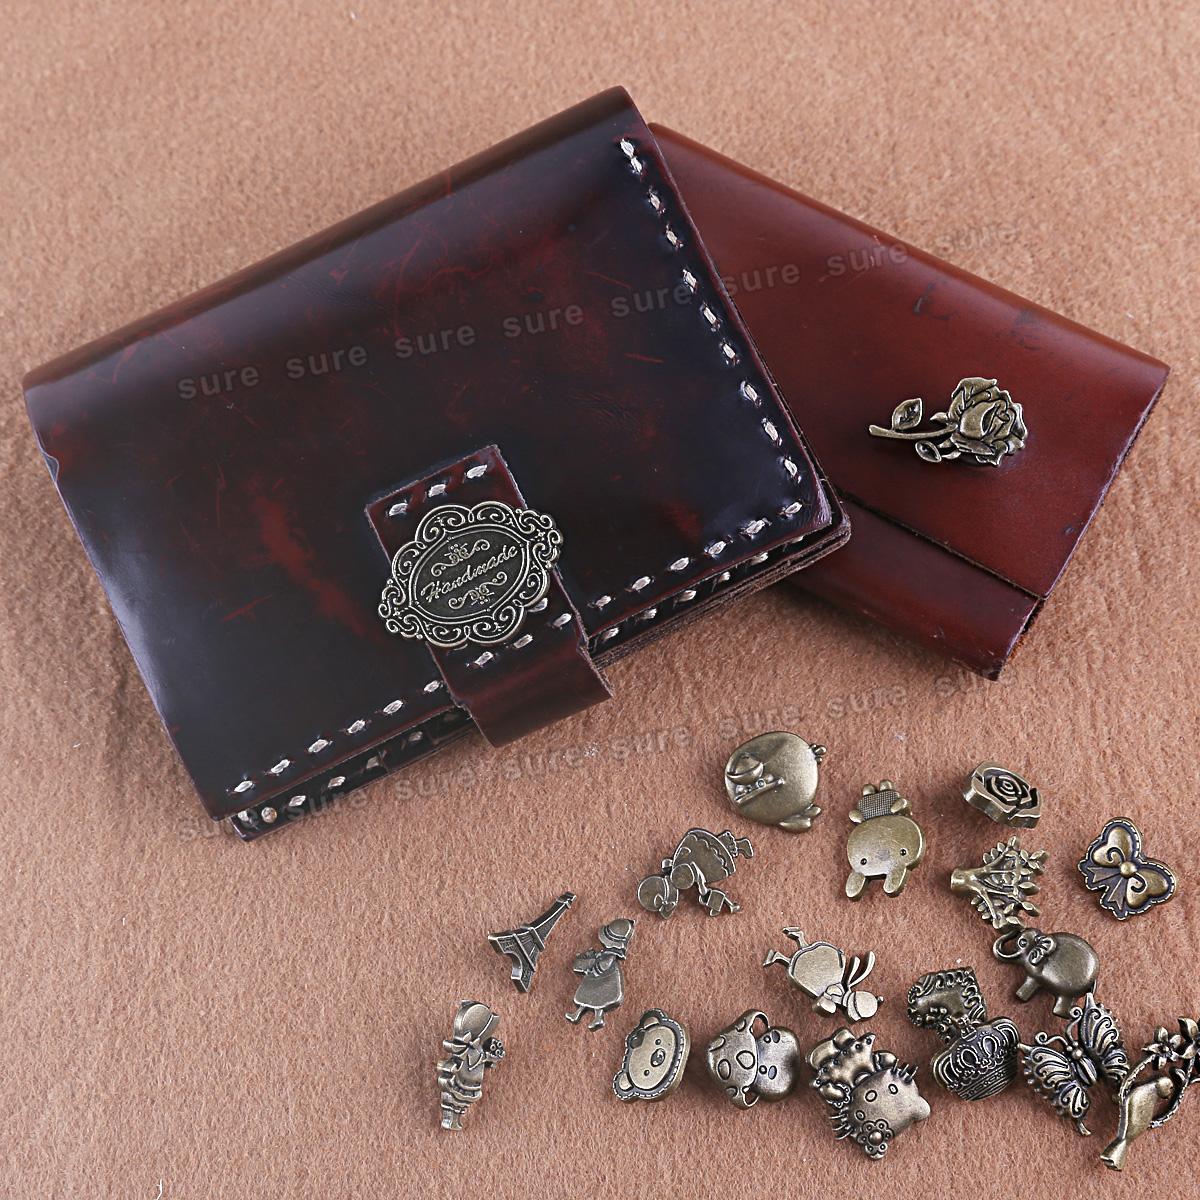 20 design metall druckkn pfe werkzeug locheisen handschlageisen leder tasche ebay. Black Bedroom Furniture Sets. Home Design Ideas